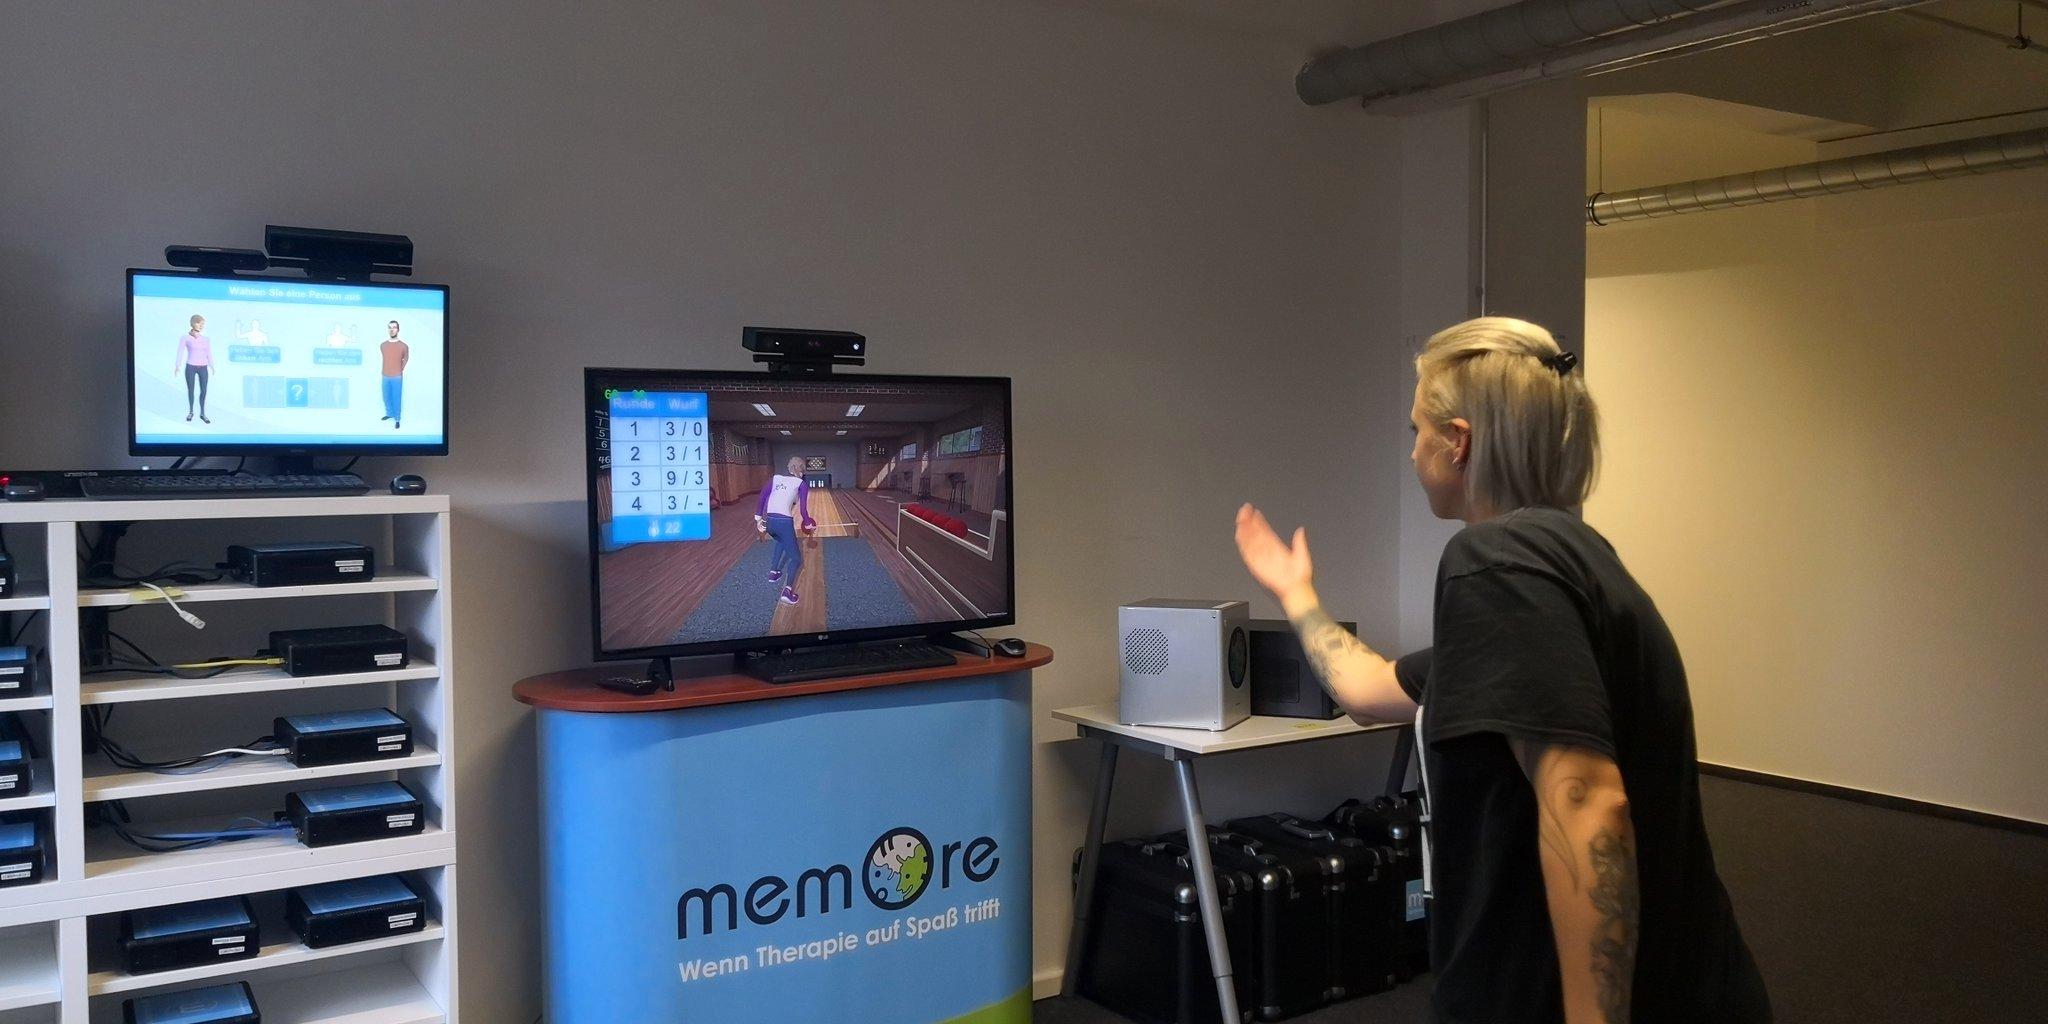 An der Teststation werden die Spiele der memoreBox auf Herz und Nieren geprüft. (Bild: Mandy Jerdes)